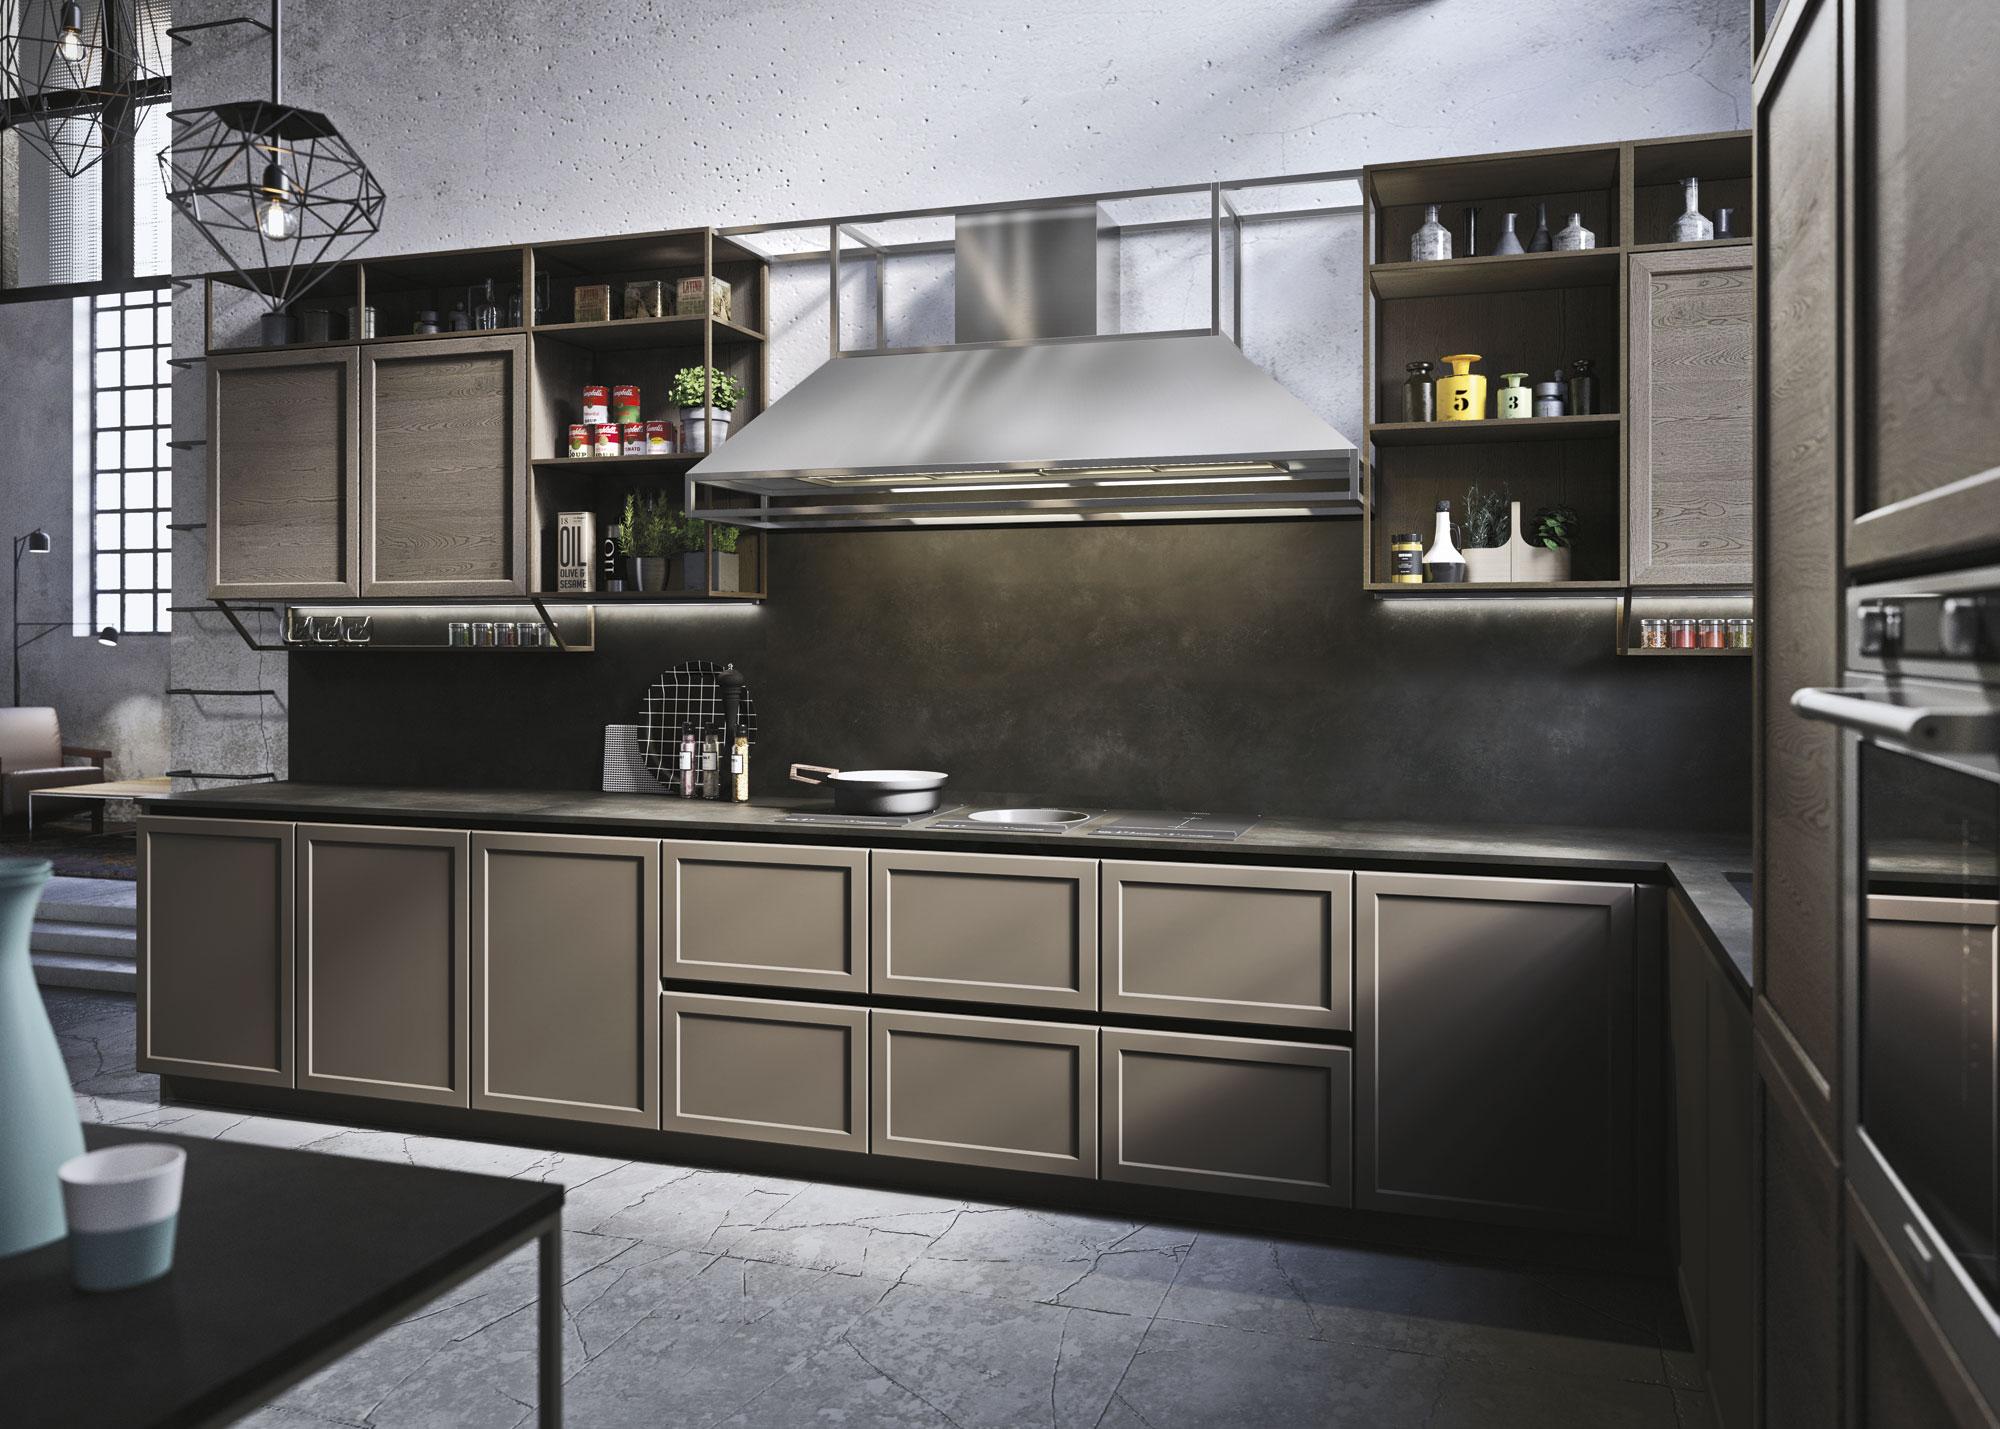 cucine-classiche-con-isola-frame-snaidero-dettaglio-12